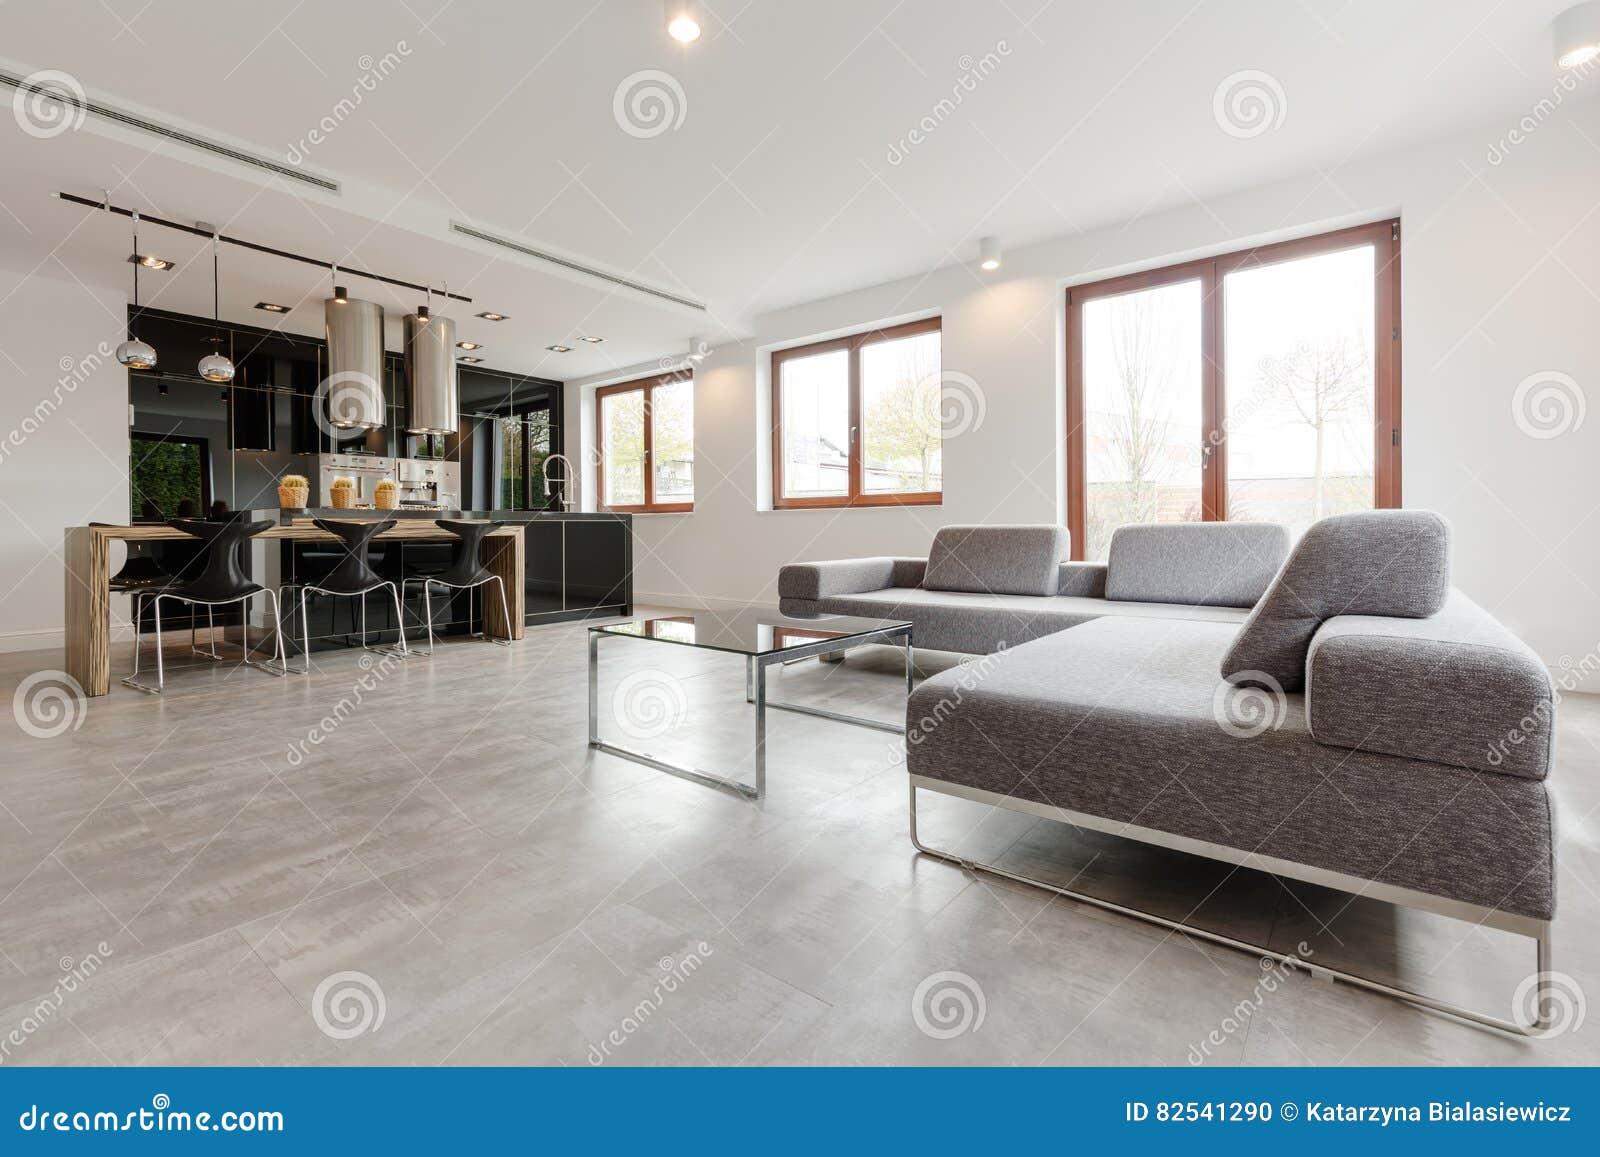 Stilvolles Wohnzimmer Kombiniert Mit Küche Stockfoto - Bild von ...